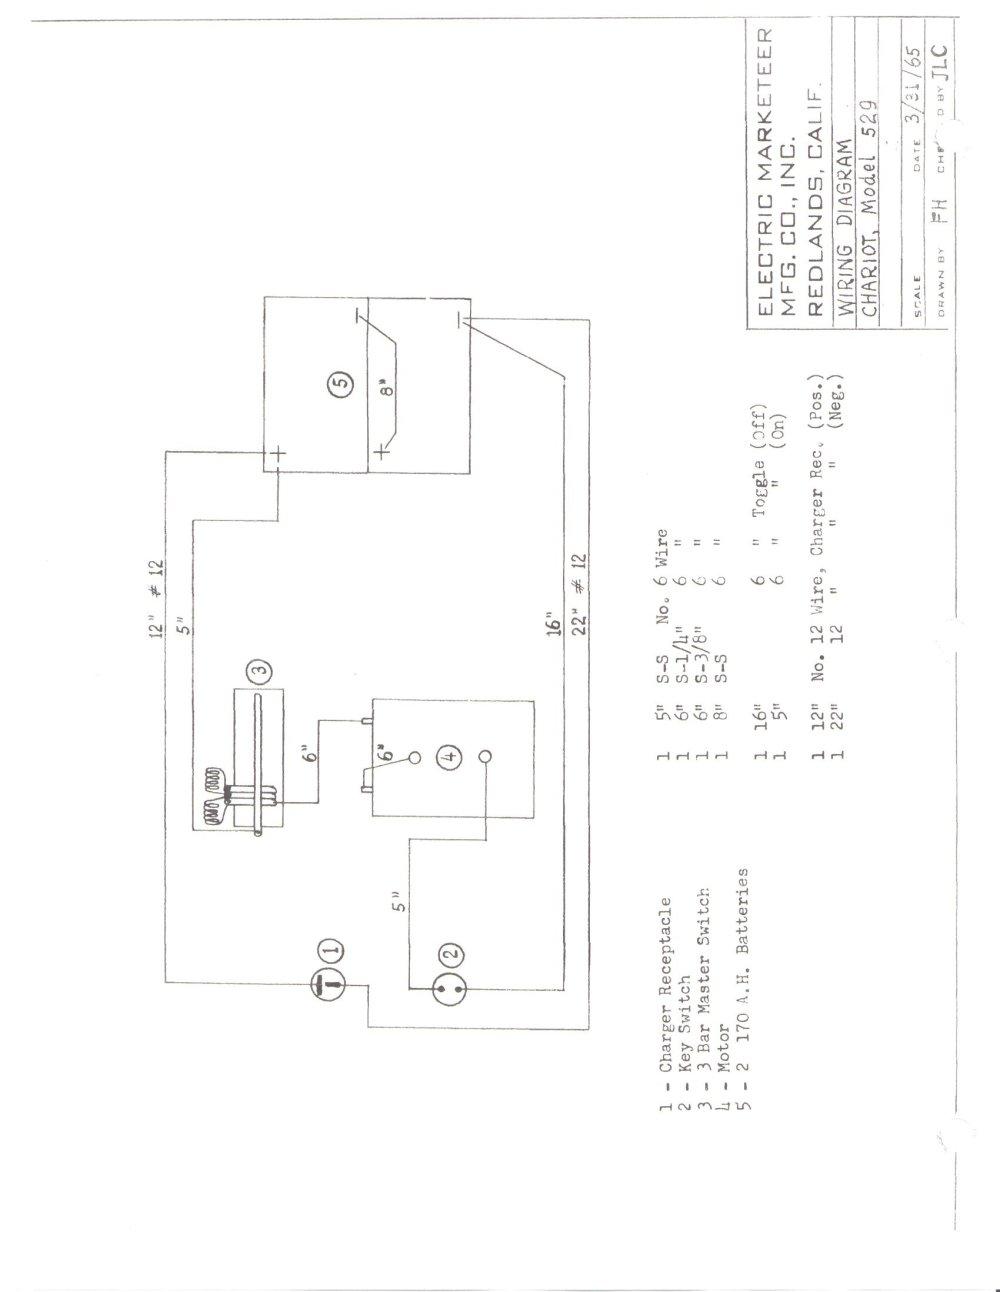 golf cart wiring diagram westinghouse 529 agricultural. Black Bedroom Furniture Sets. Home Design Ideas